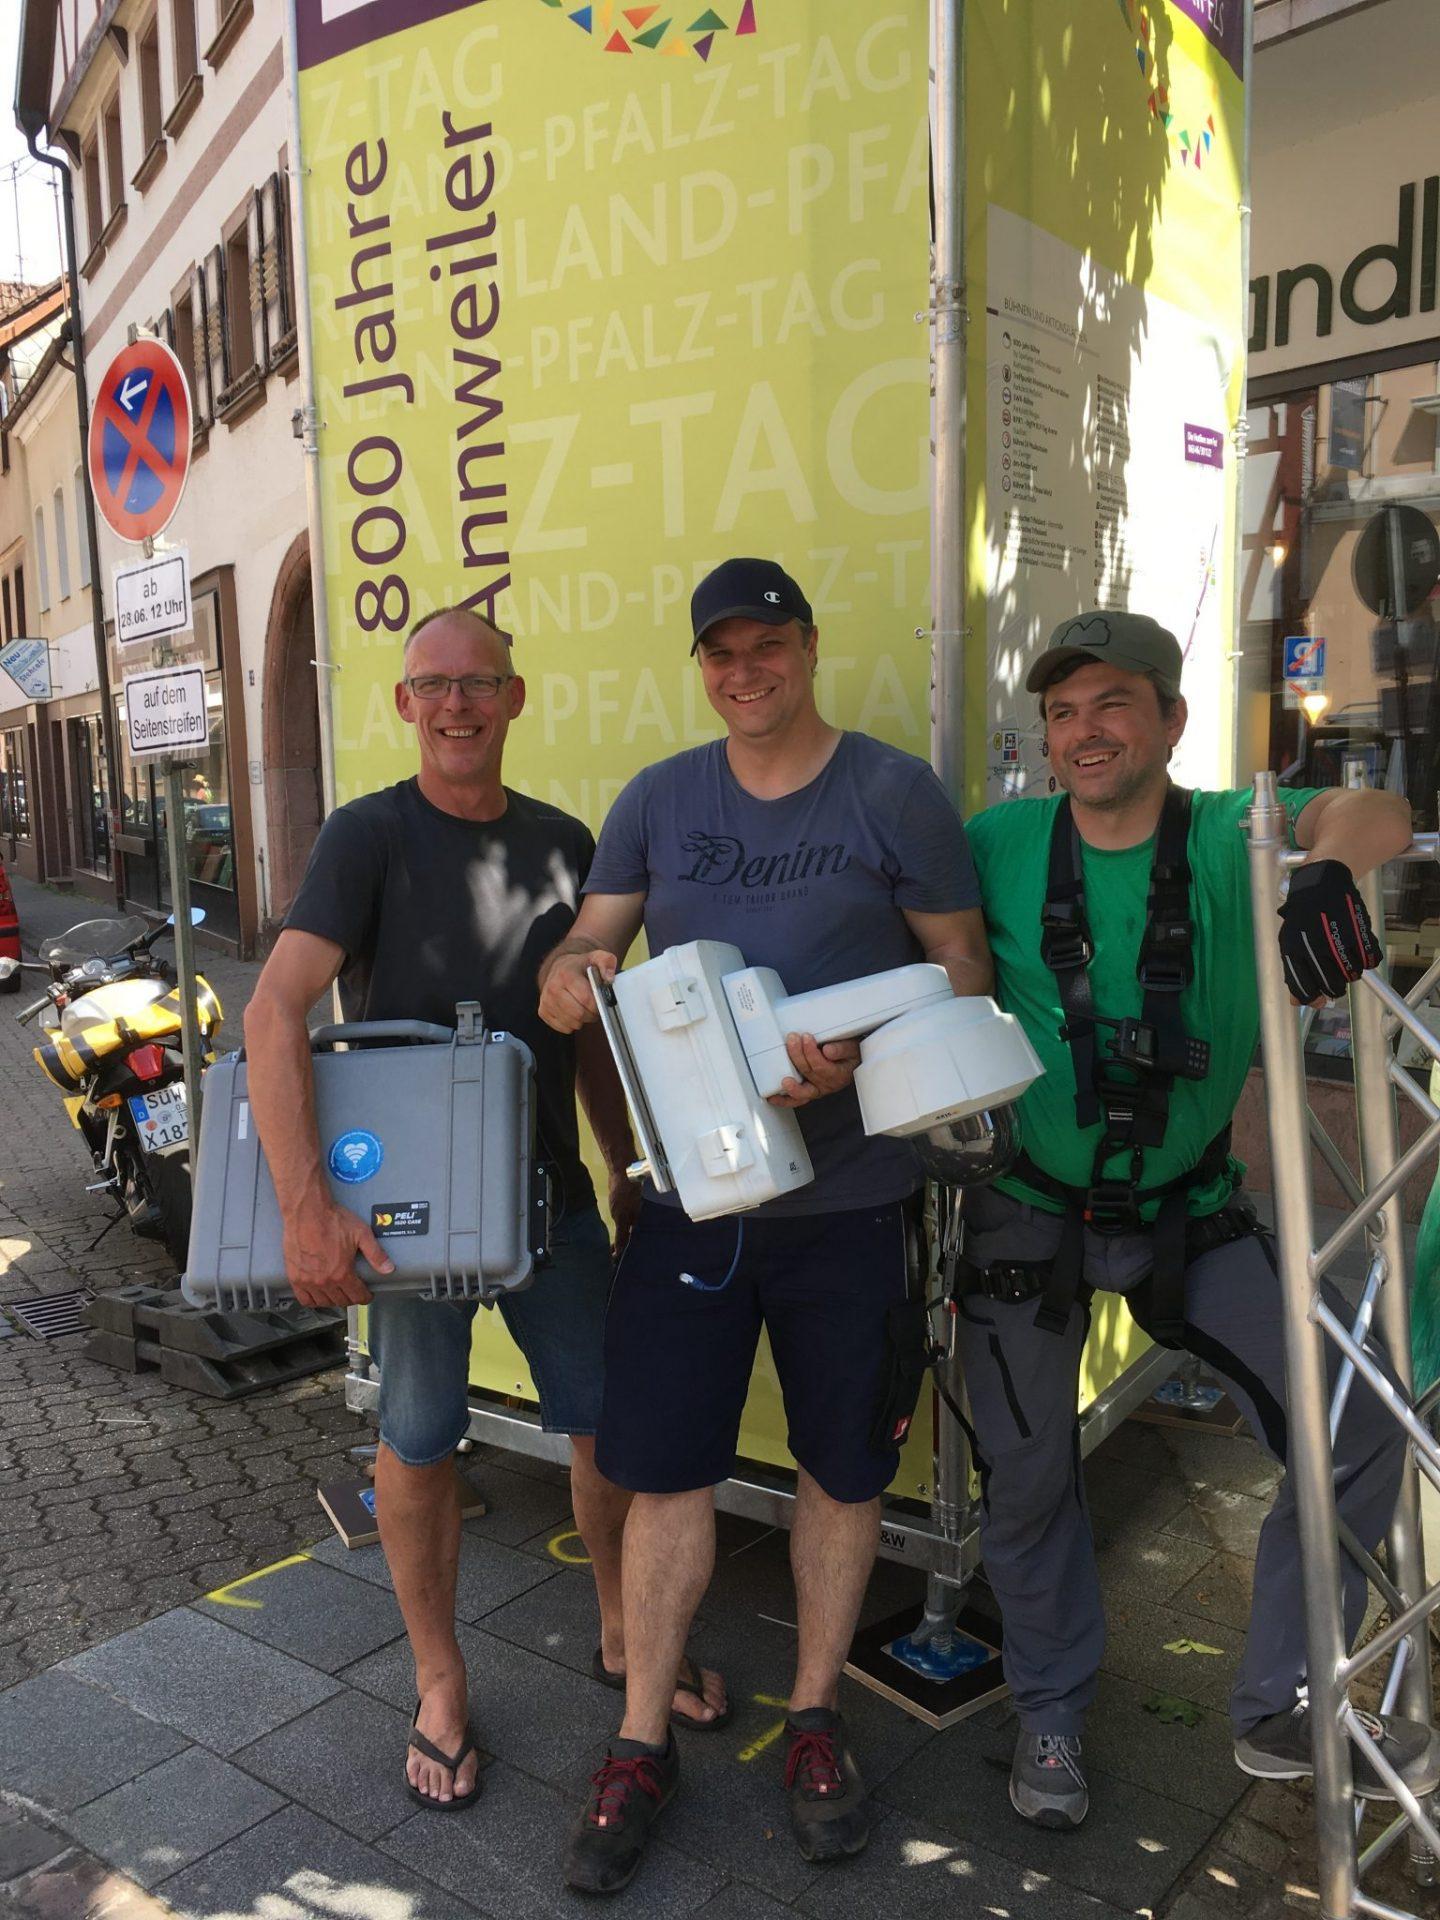 Drei Männer von KL.digital bzw. der Polizei stehen vor einem Bannerturm. In der Hand haben sie Equipment, z.B. Koffer und eine Überwachungskamera